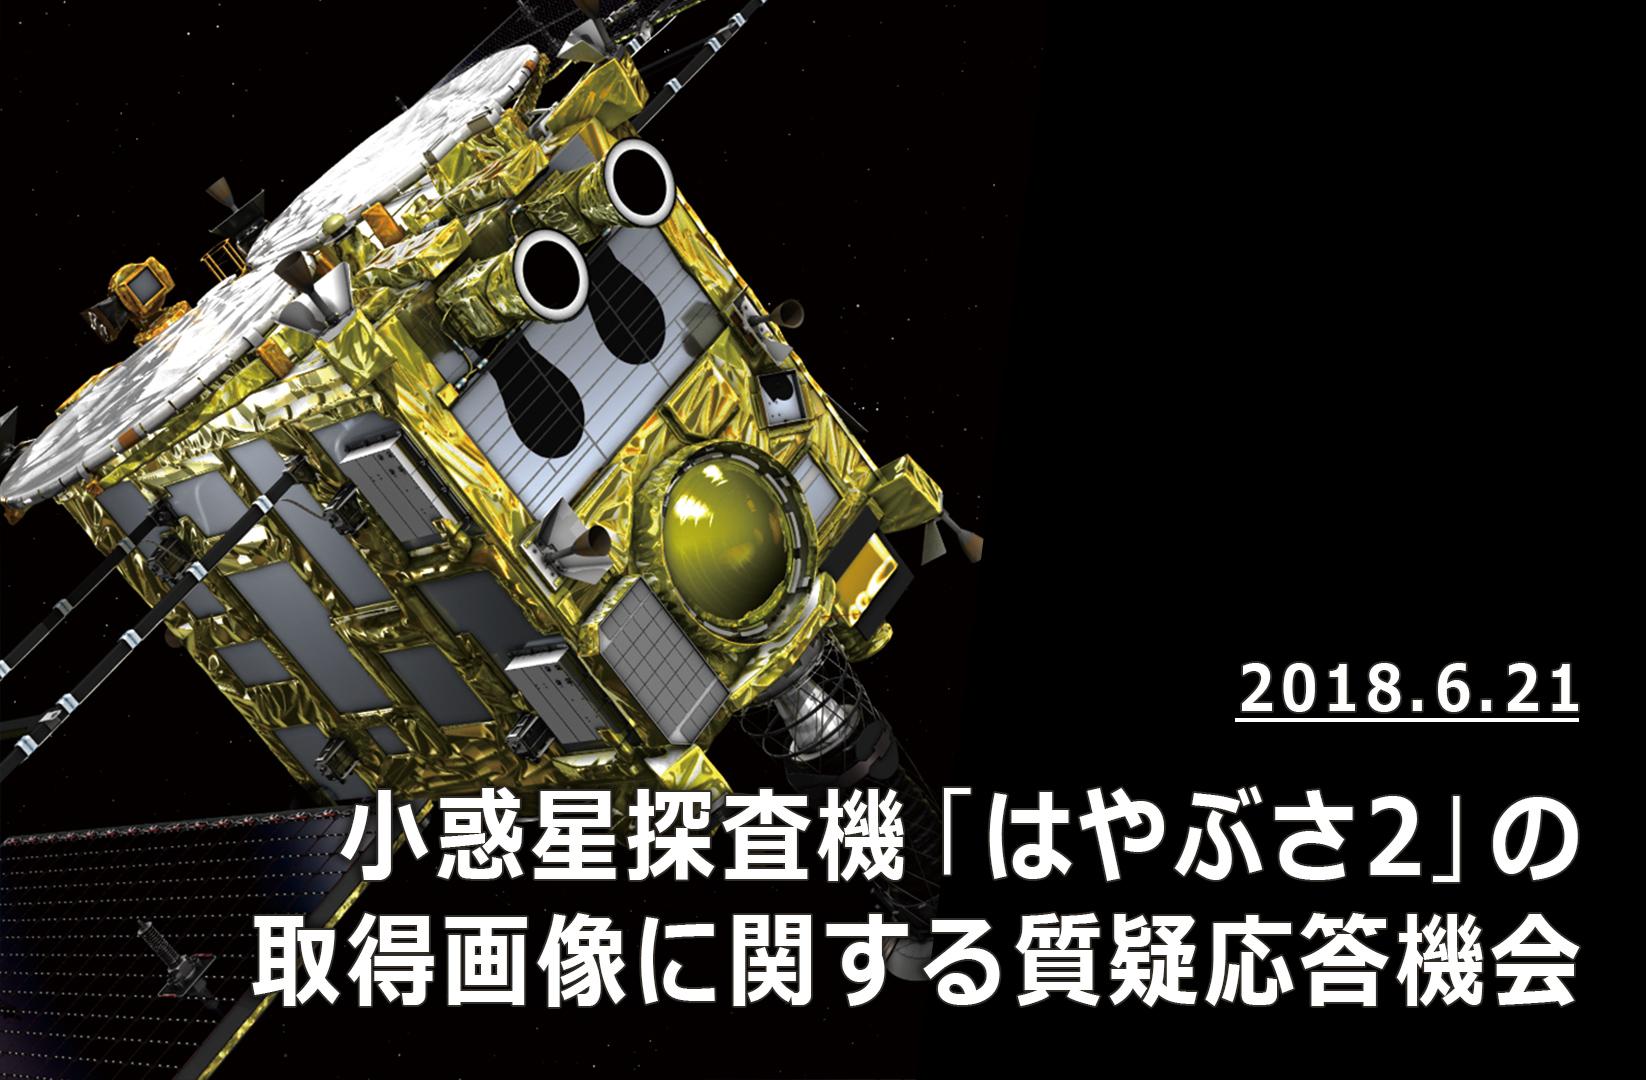 小惑星探査機「はやぶさ2」の記者説明会(18/06/21)